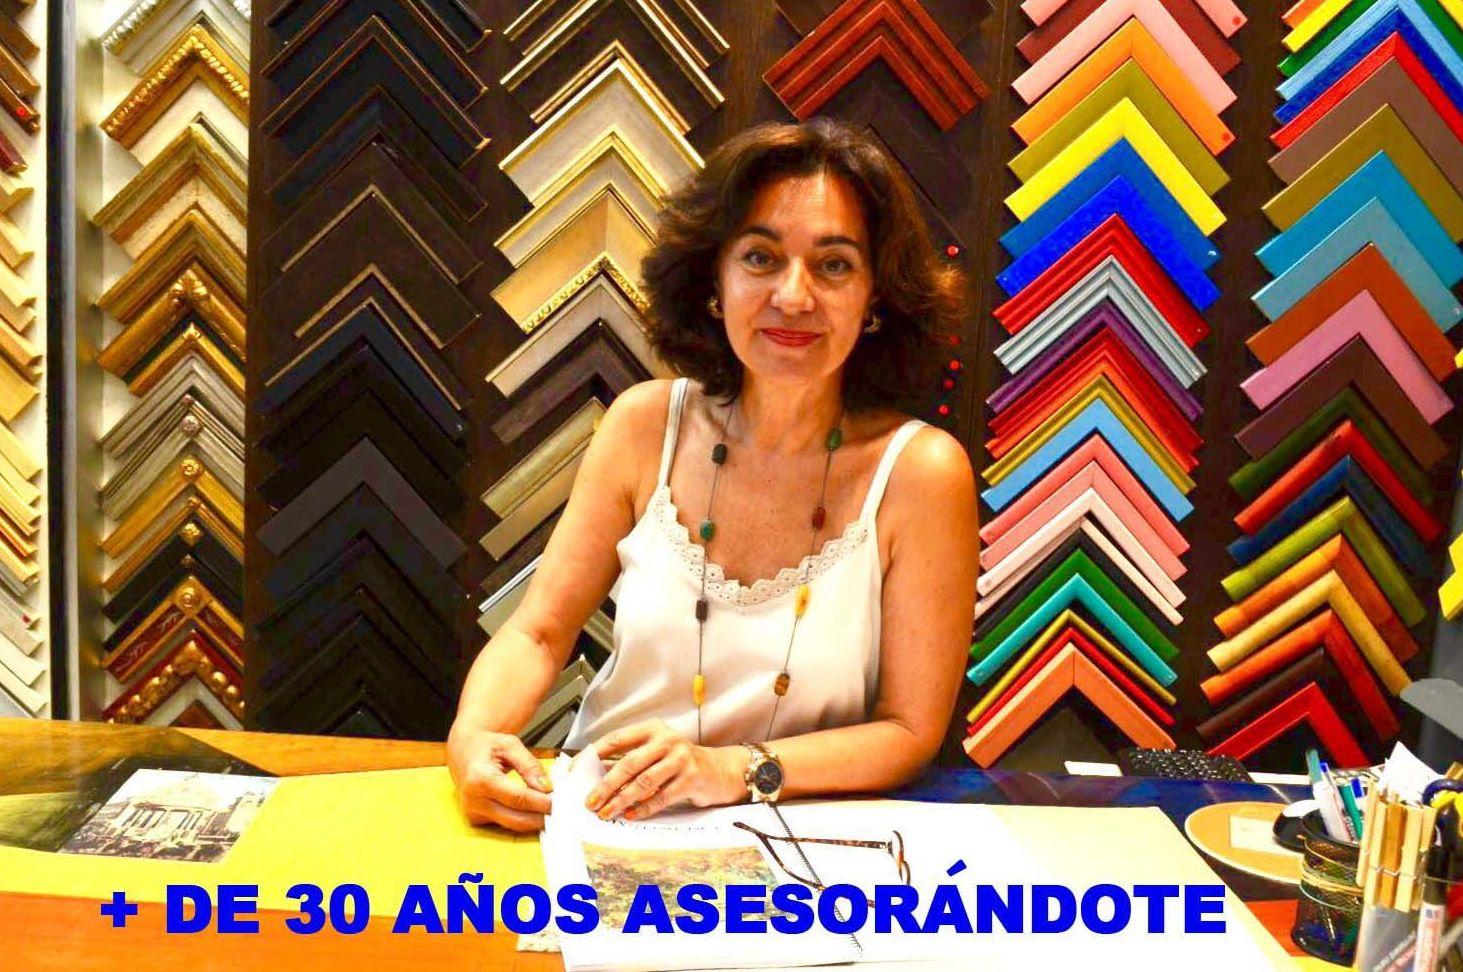 4 INGLETES ARTURO SORIA, MÁS DE 30 AÑOS ASESORÁNDOTE